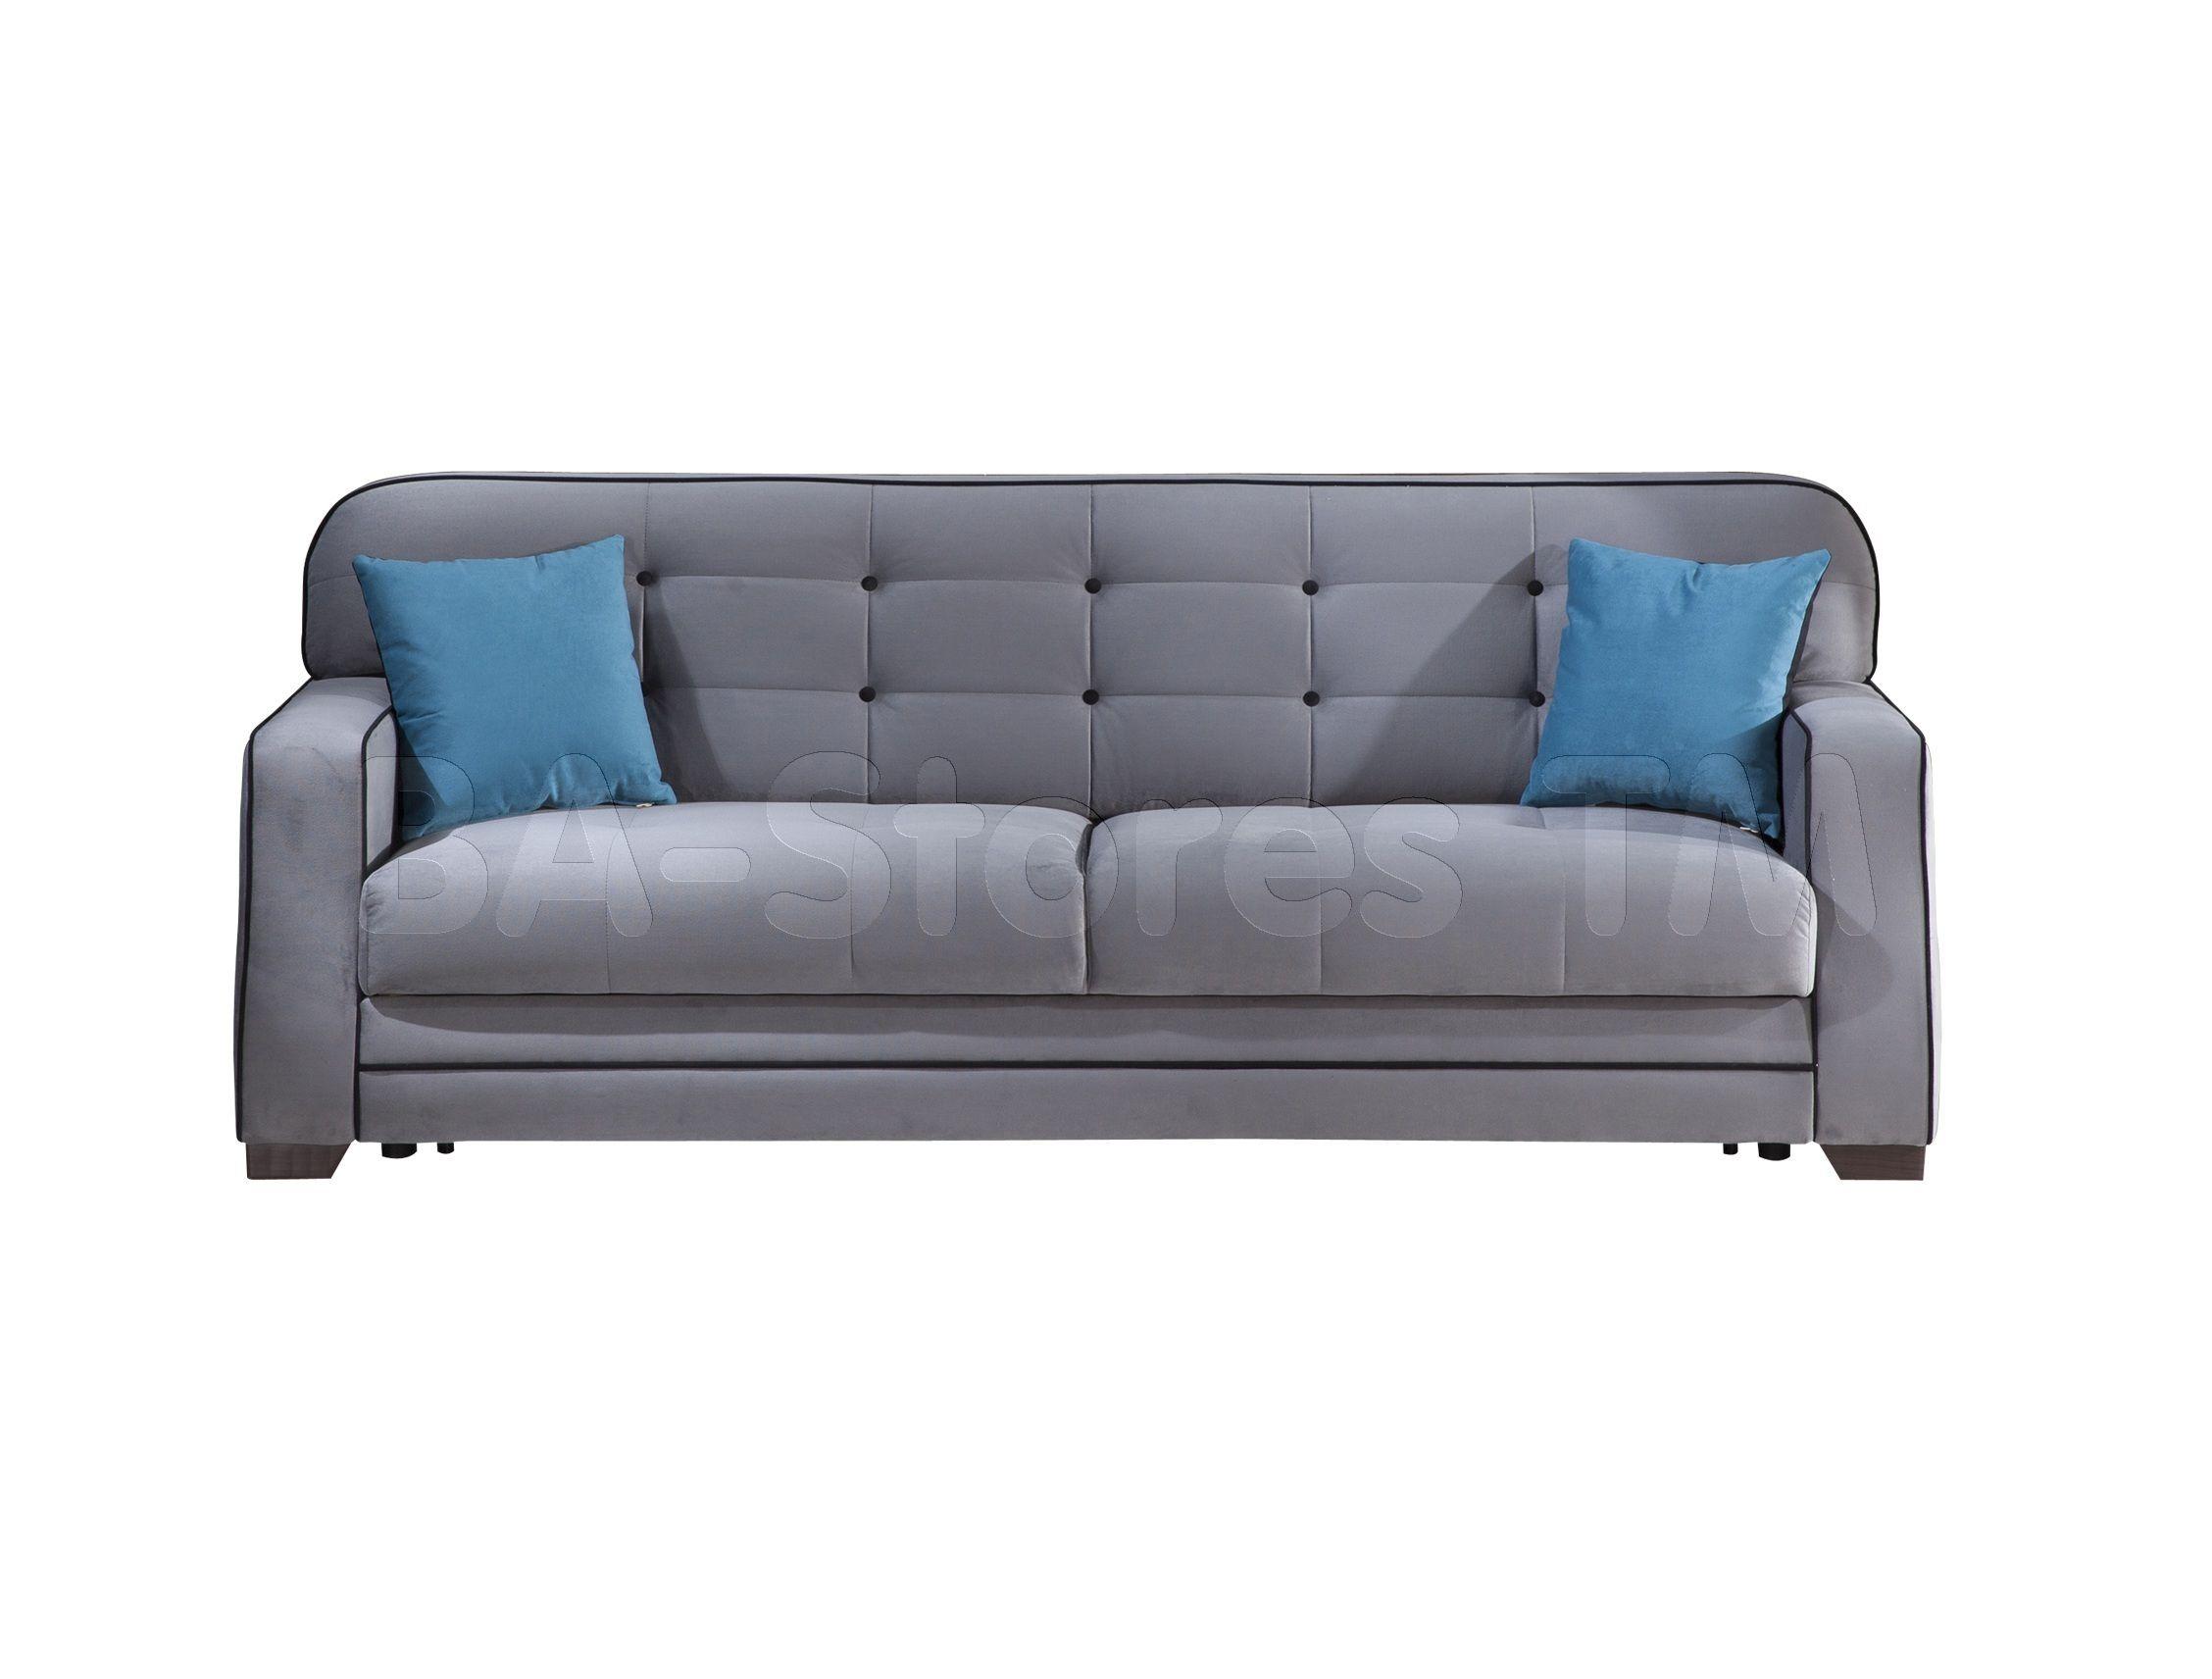 Fluo Sofa Sleeper In Koala Gray By Istikbal